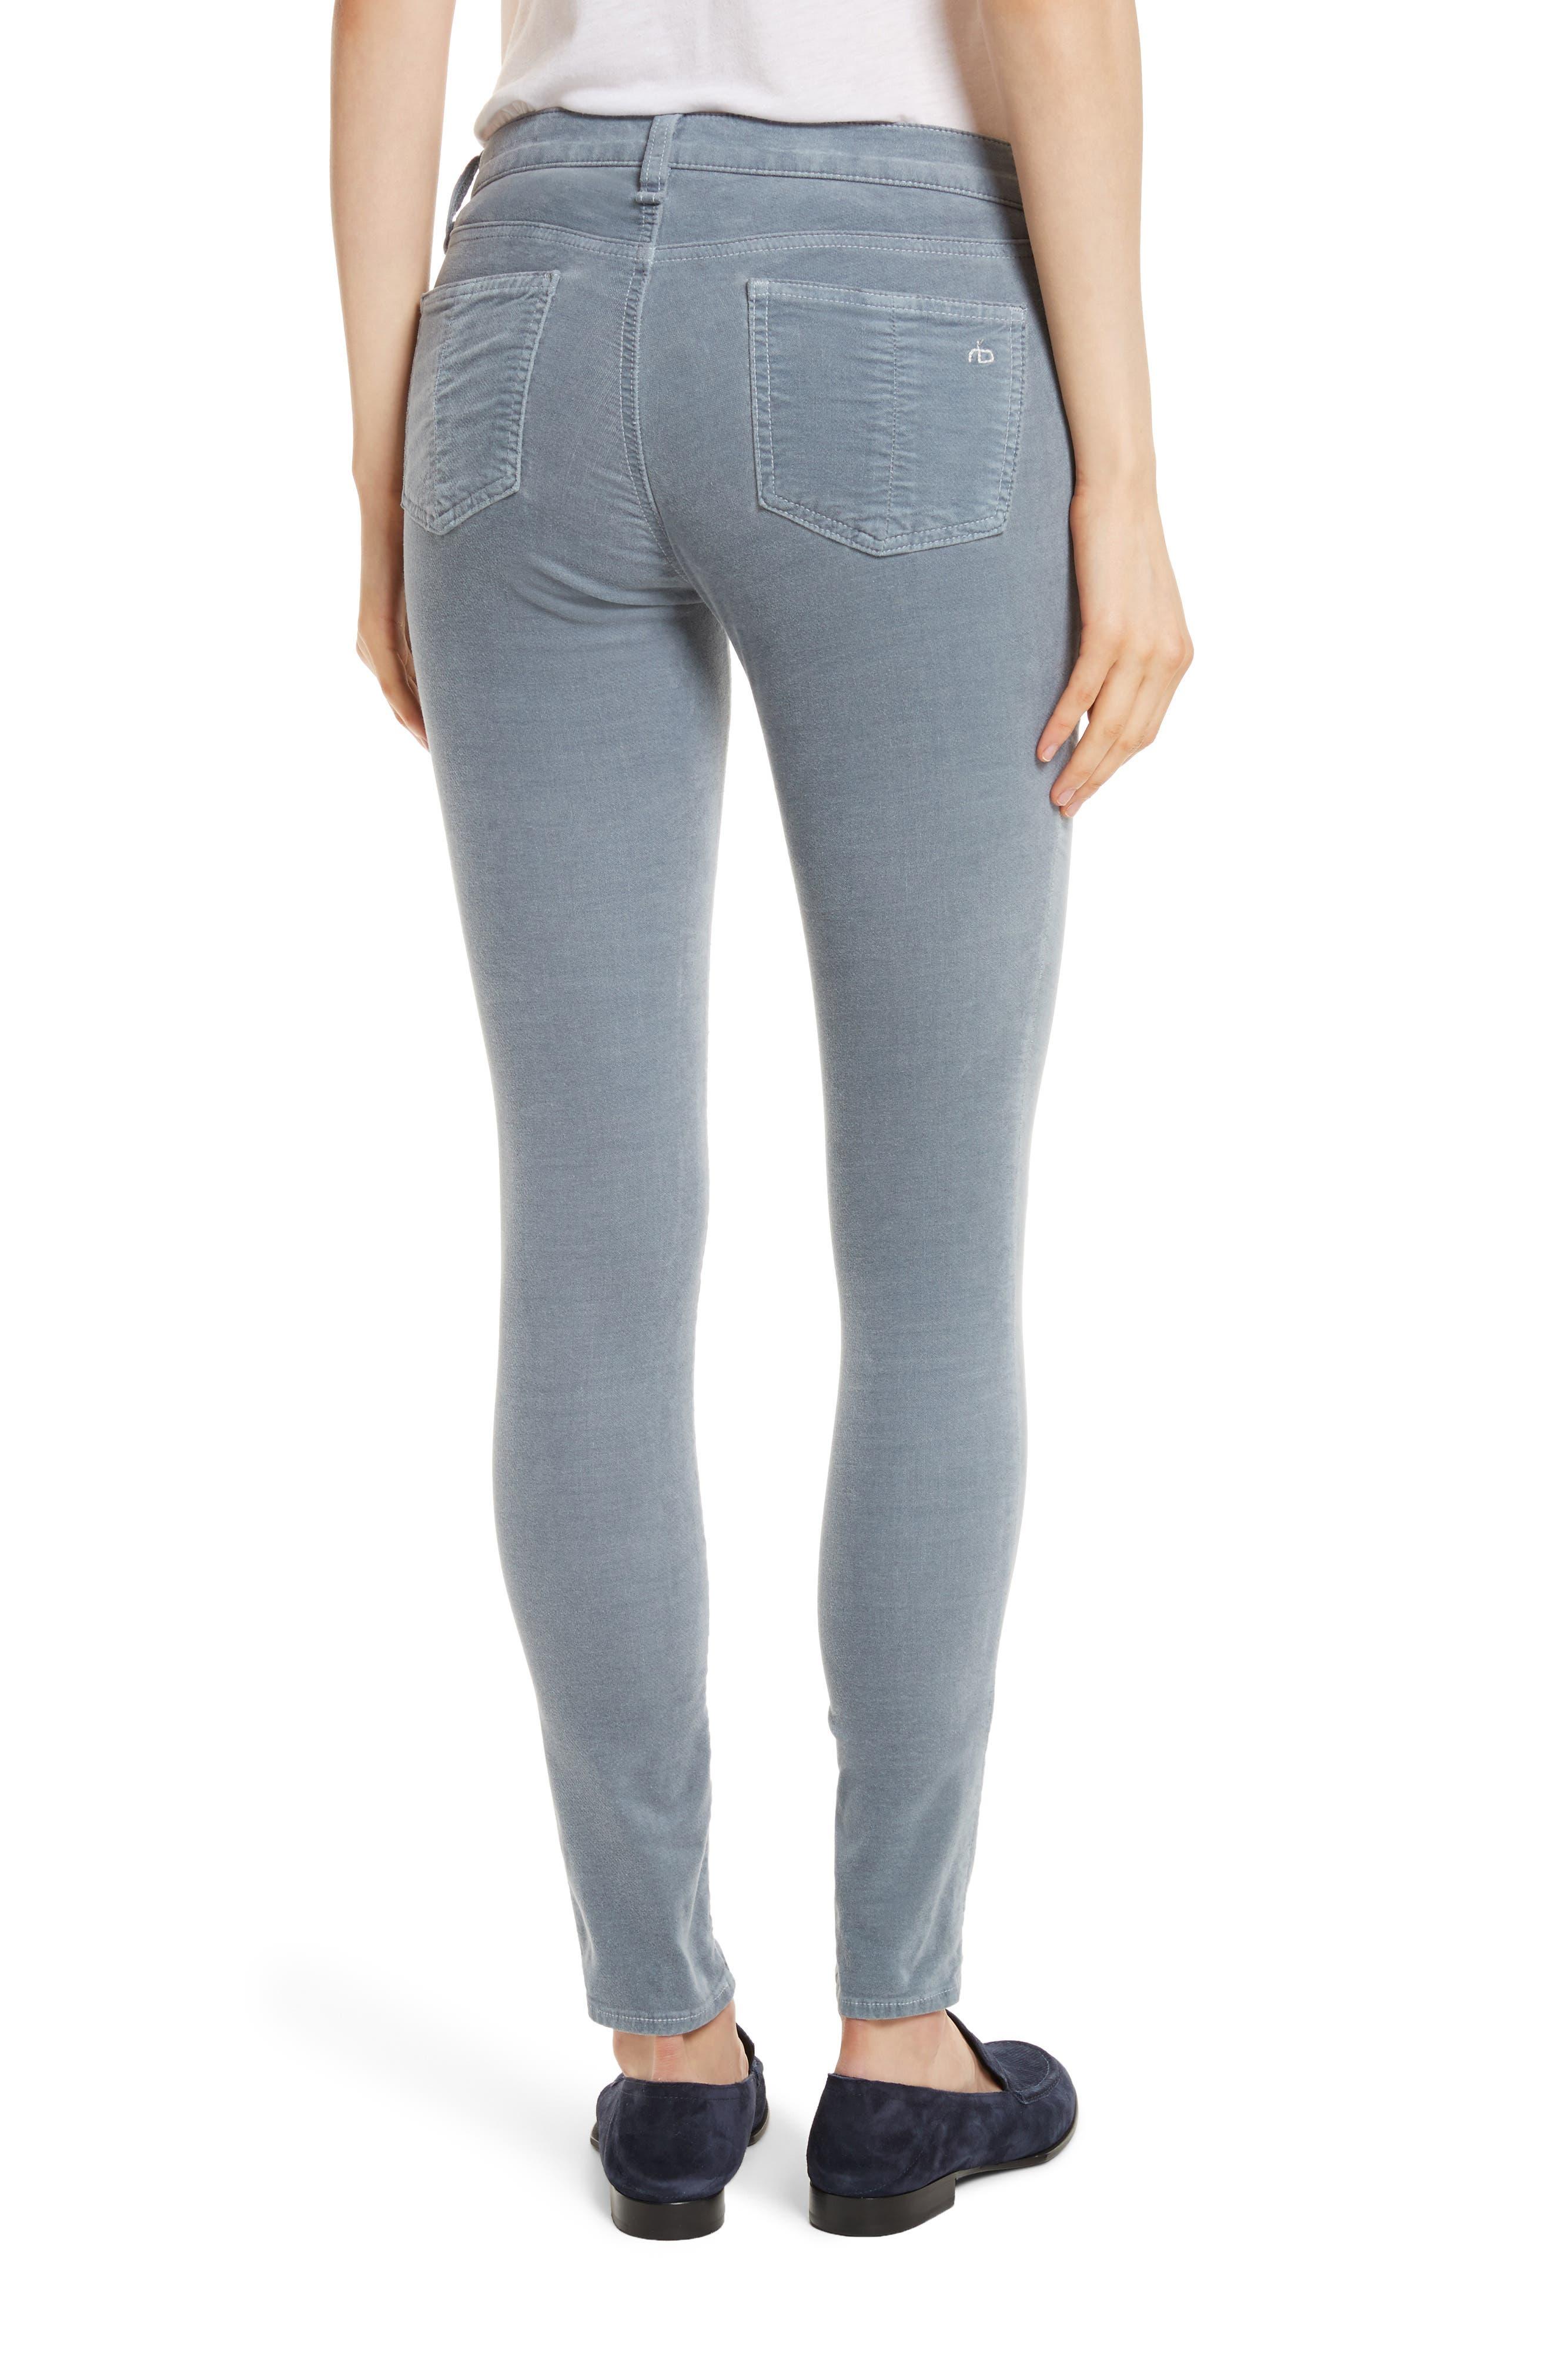 Velvet Skinny Jeans,                             Alternate thumbnail 2, color,                             Steel Blue Velvet